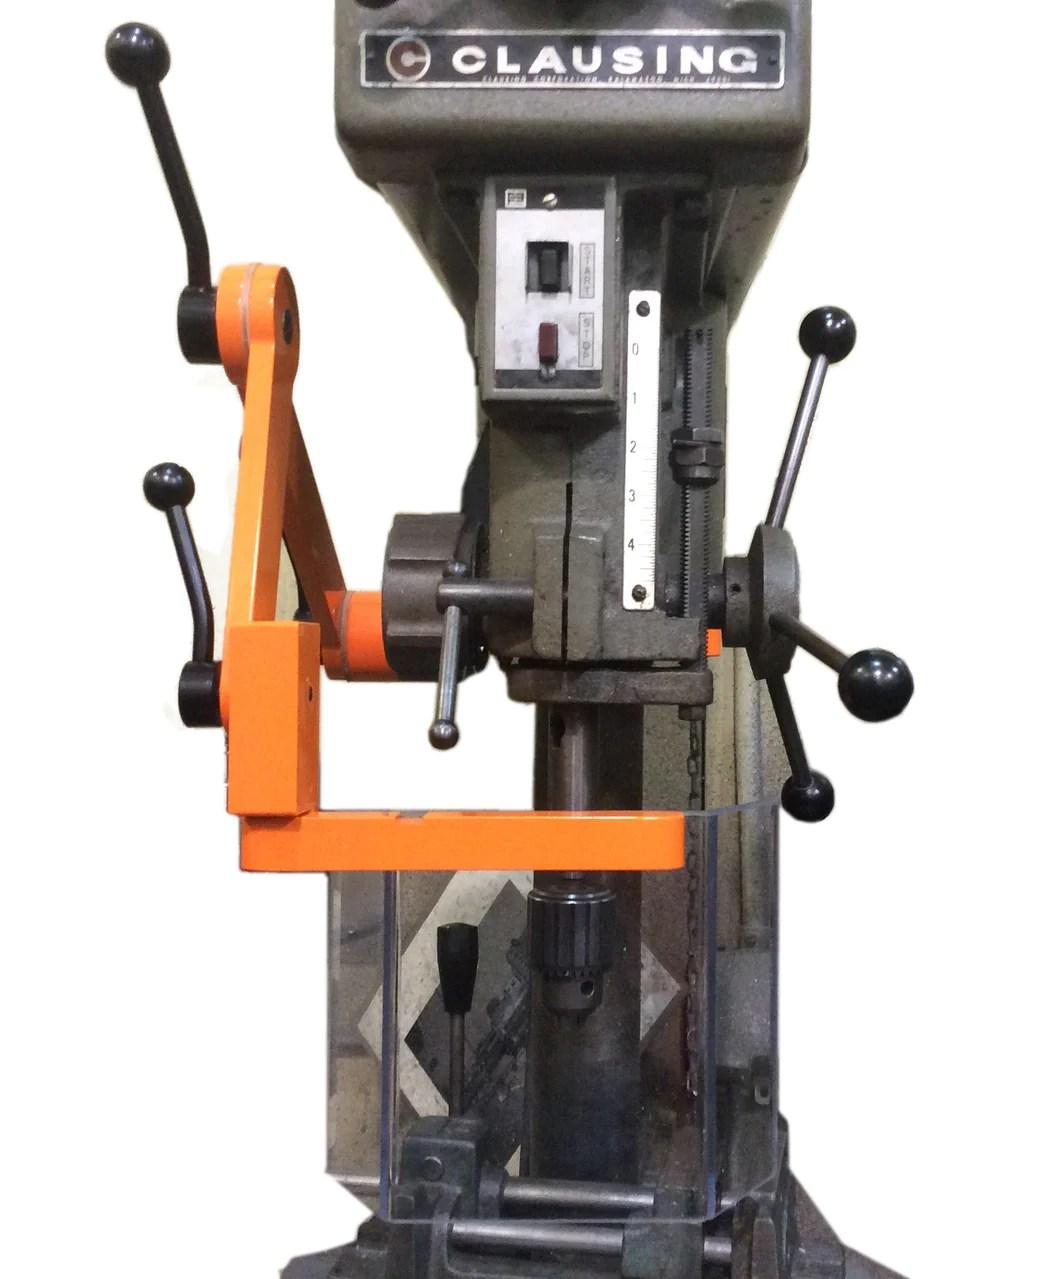 dayton 15 drill press manual [ 1060 x 1279 Pixel ]